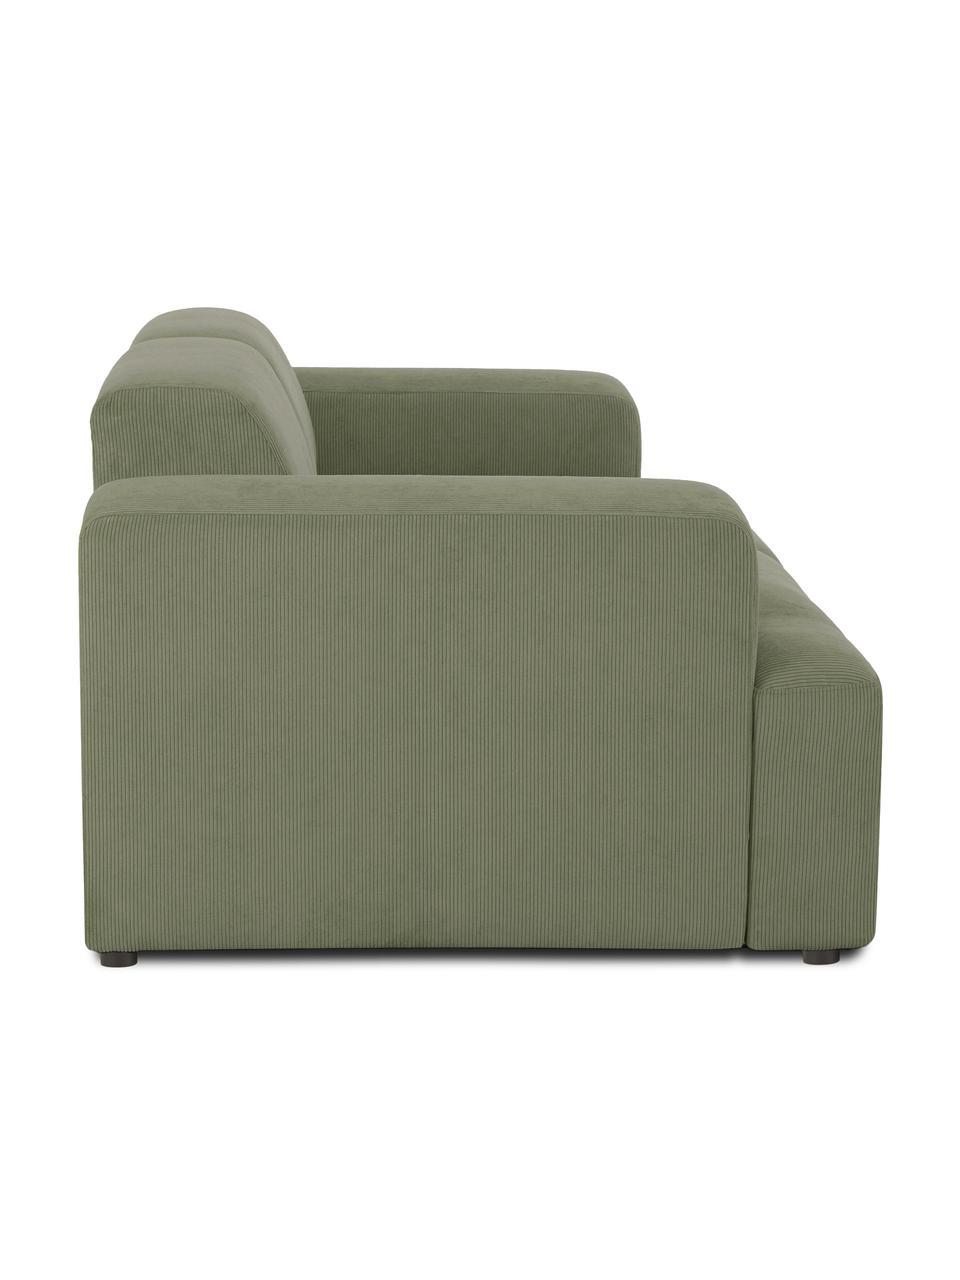 Canapé 2places velours côtelé vert Melva, Velours côtelé vert